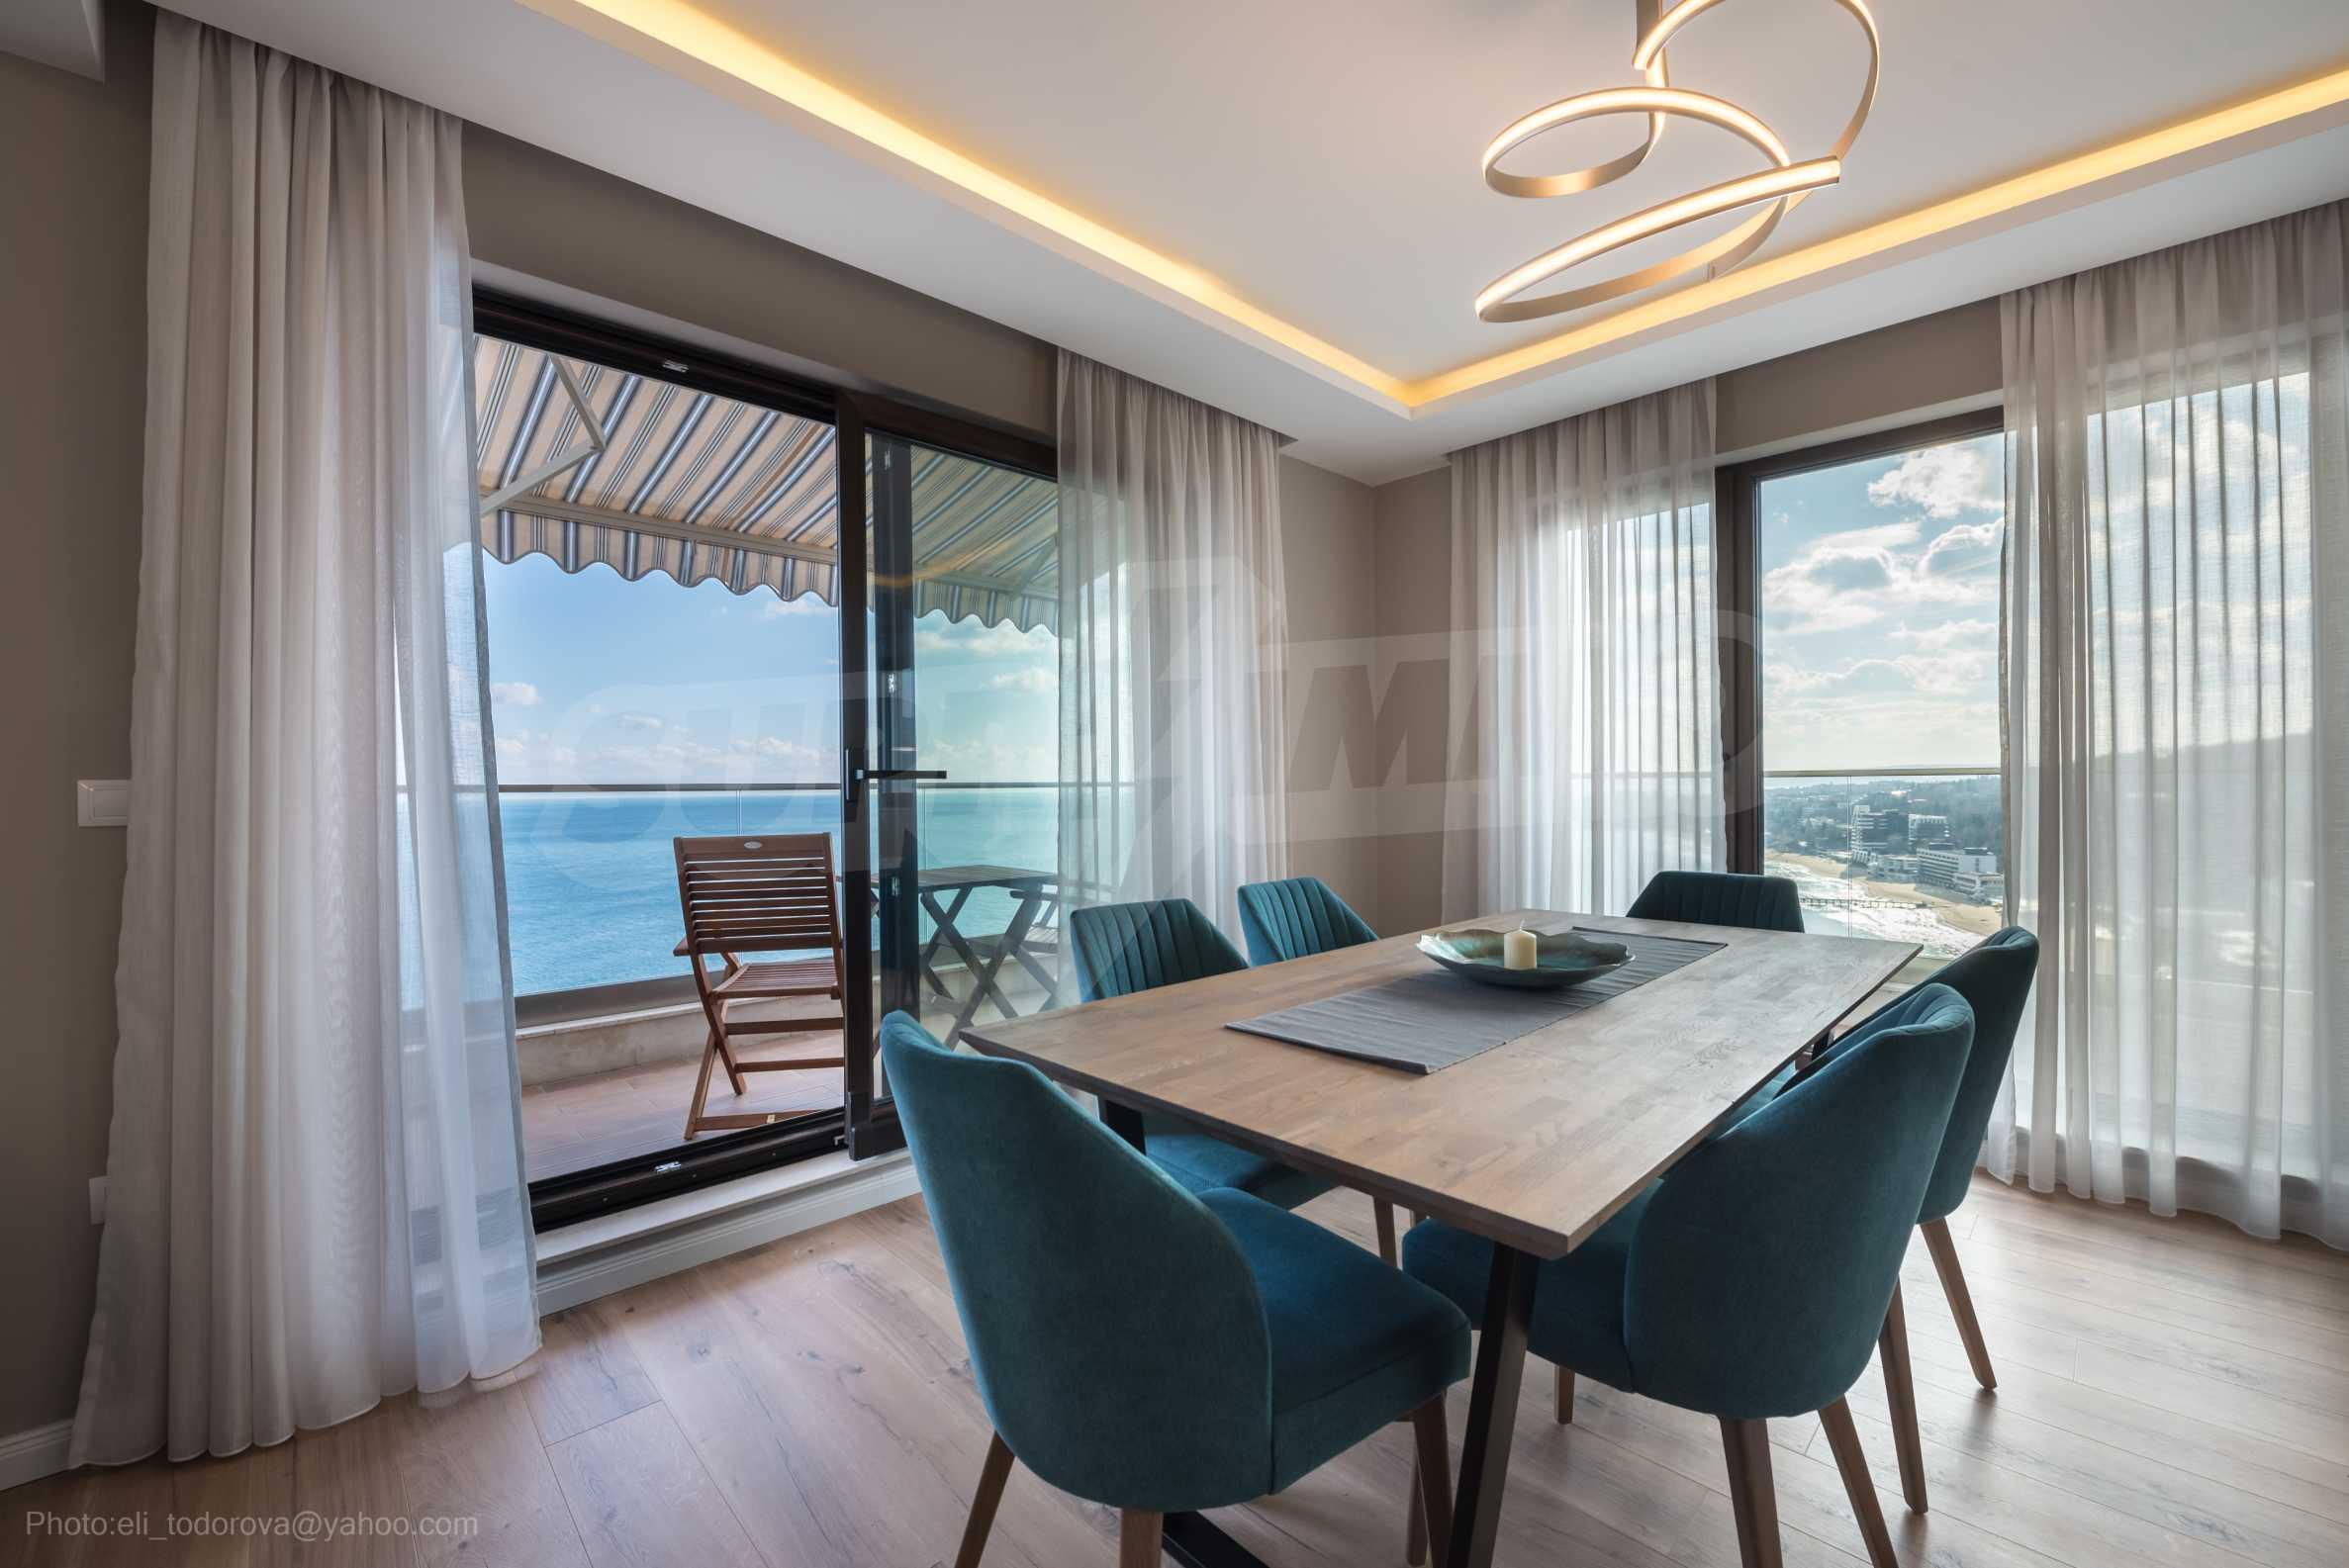 Апартамент Елеганс Вю - тристаен имот с уникална гледка към морето 7